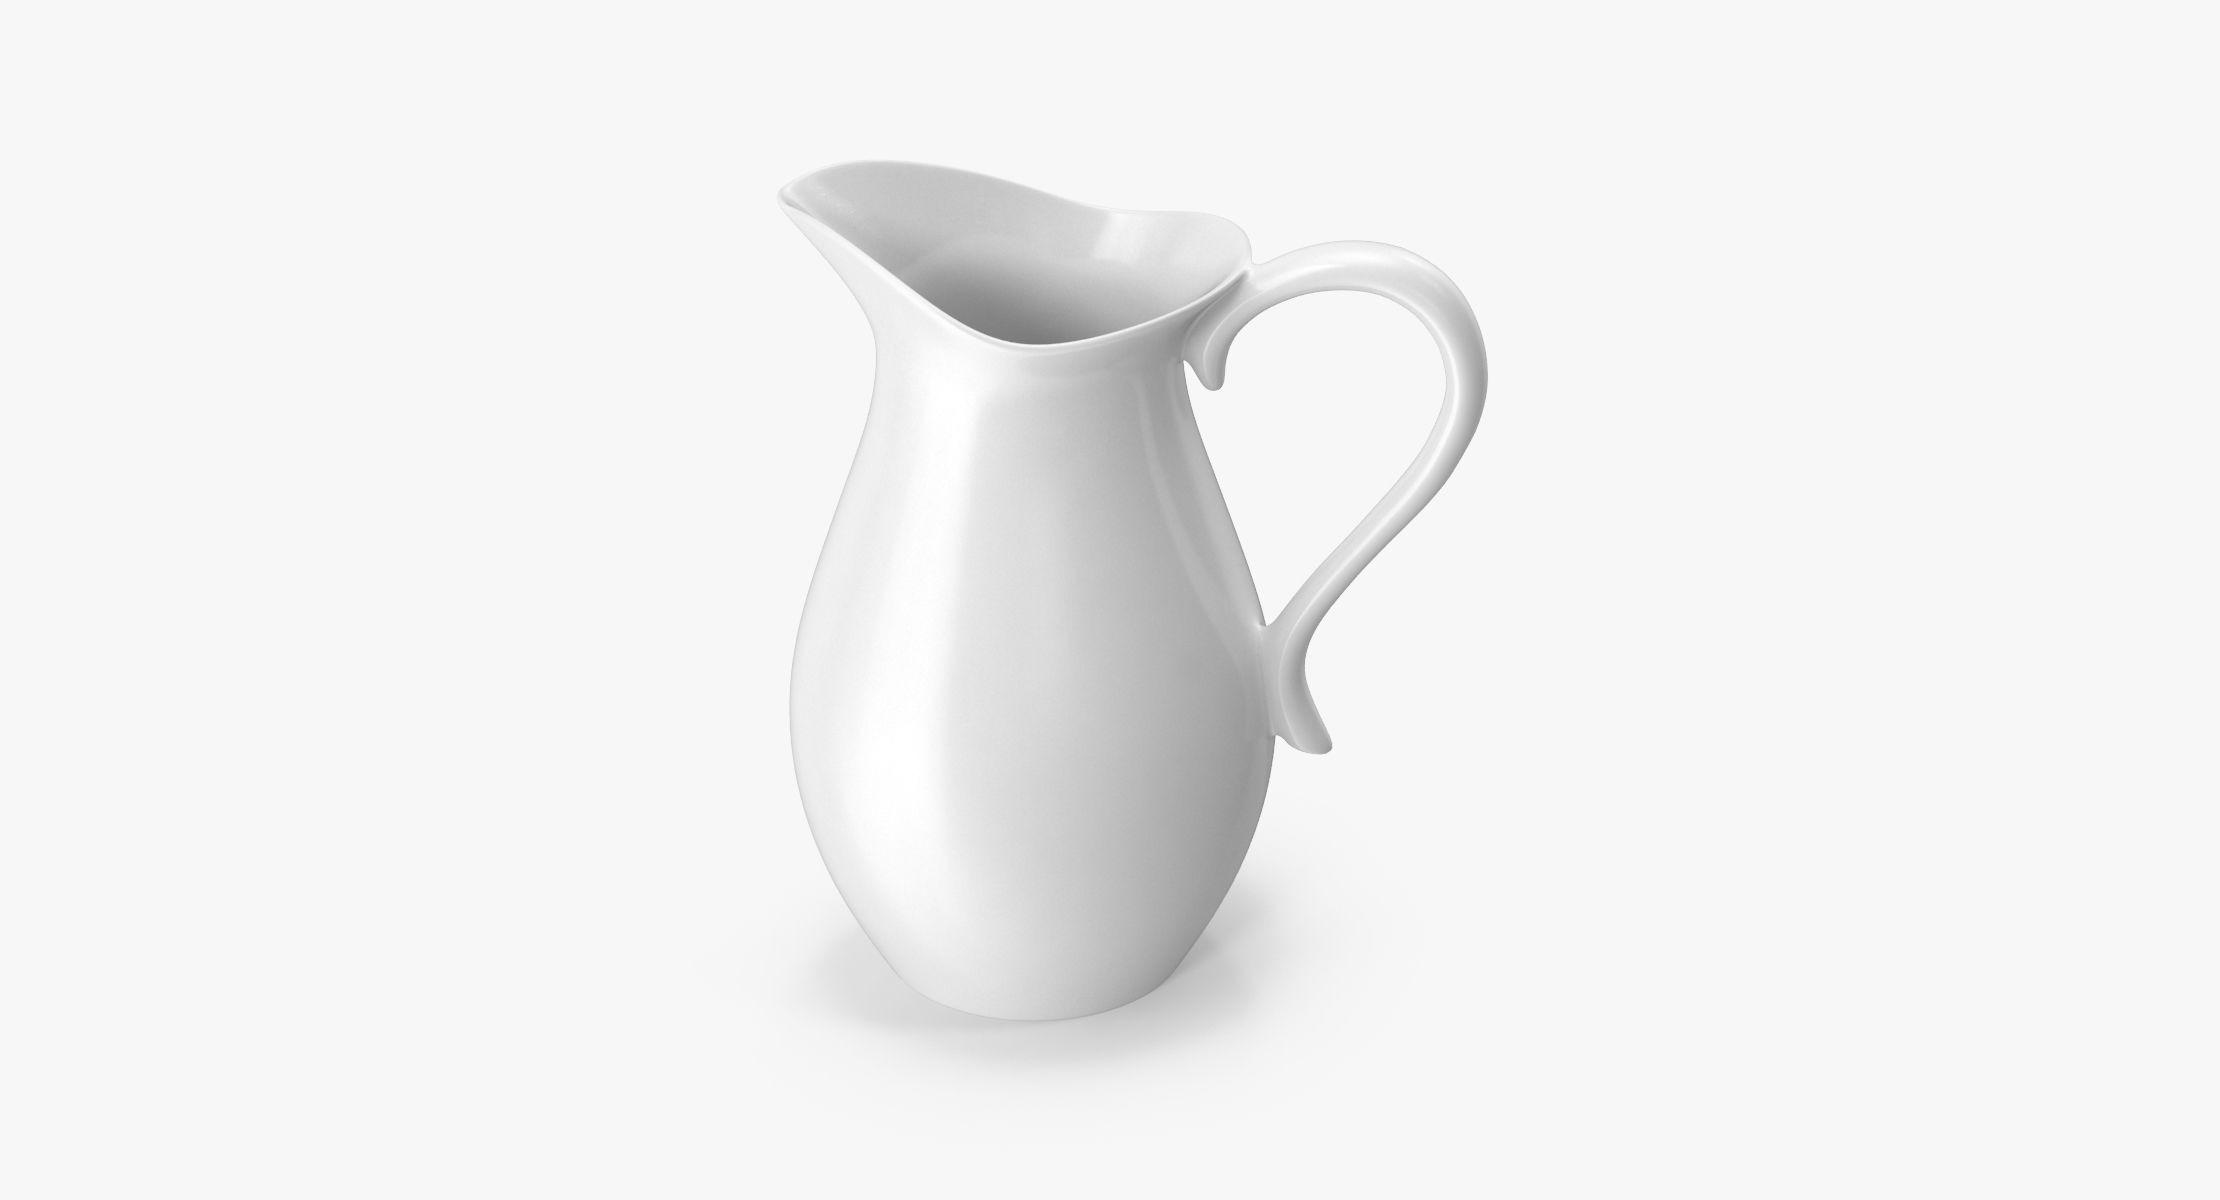 Porcelain Carafe - reel 1